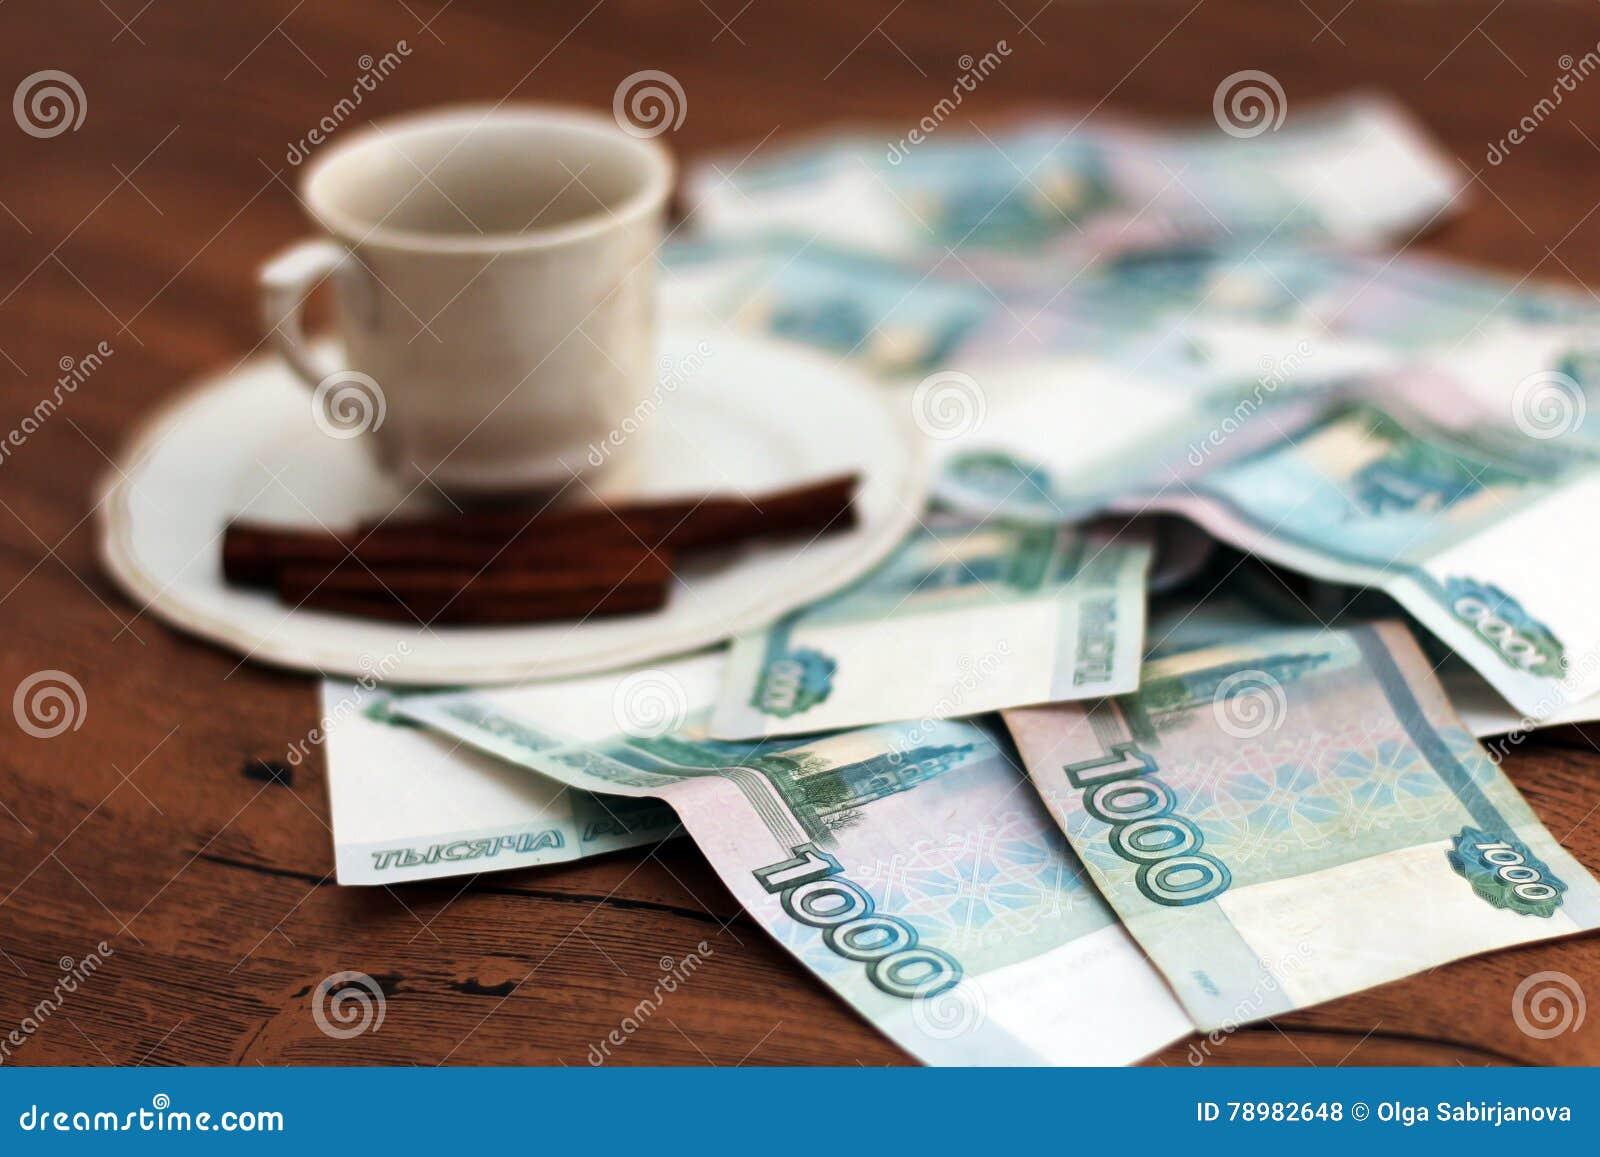 Una tazza di caffè ed i soldi